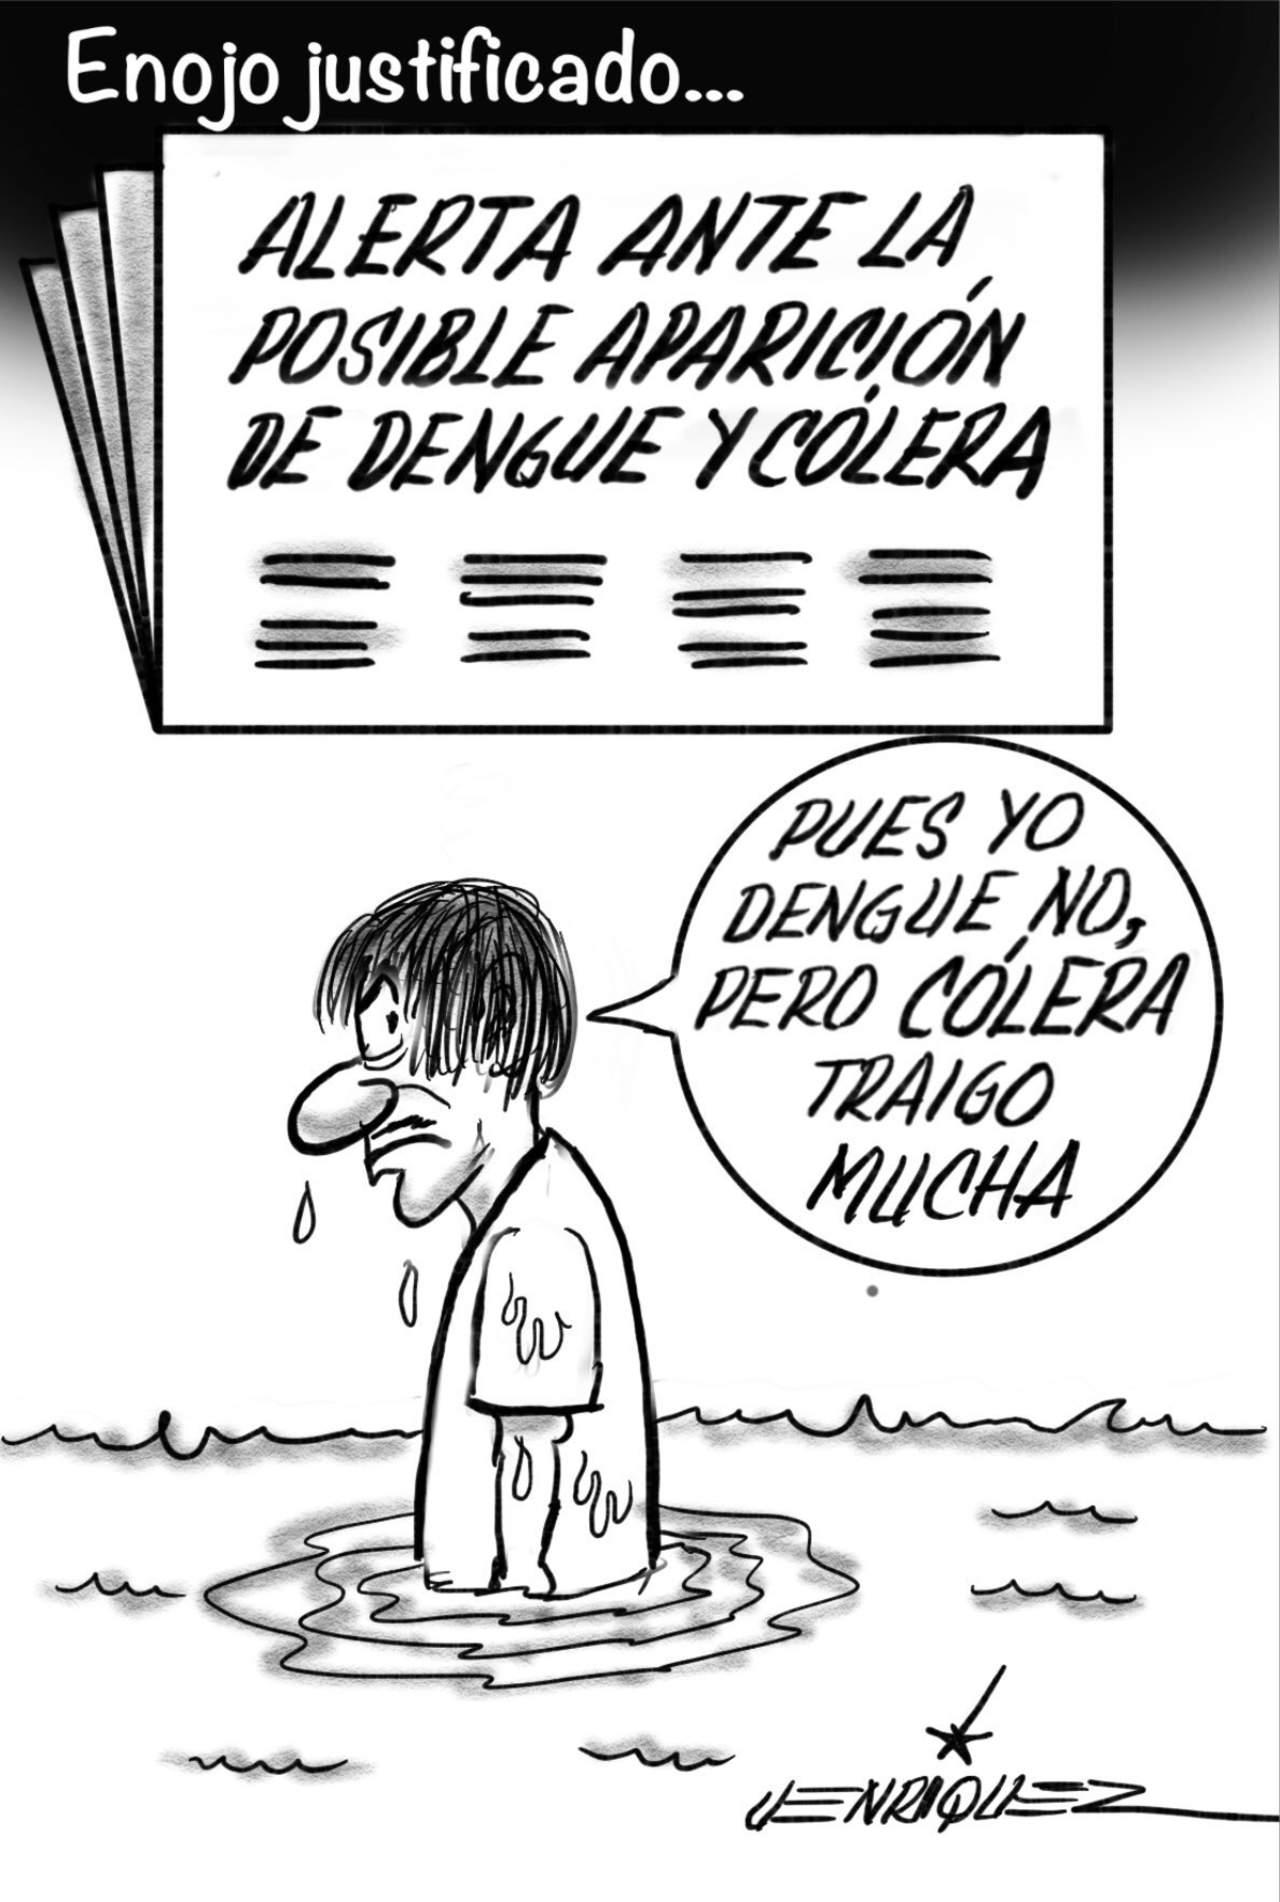 CARTÓN DE ENRÍQUEZ